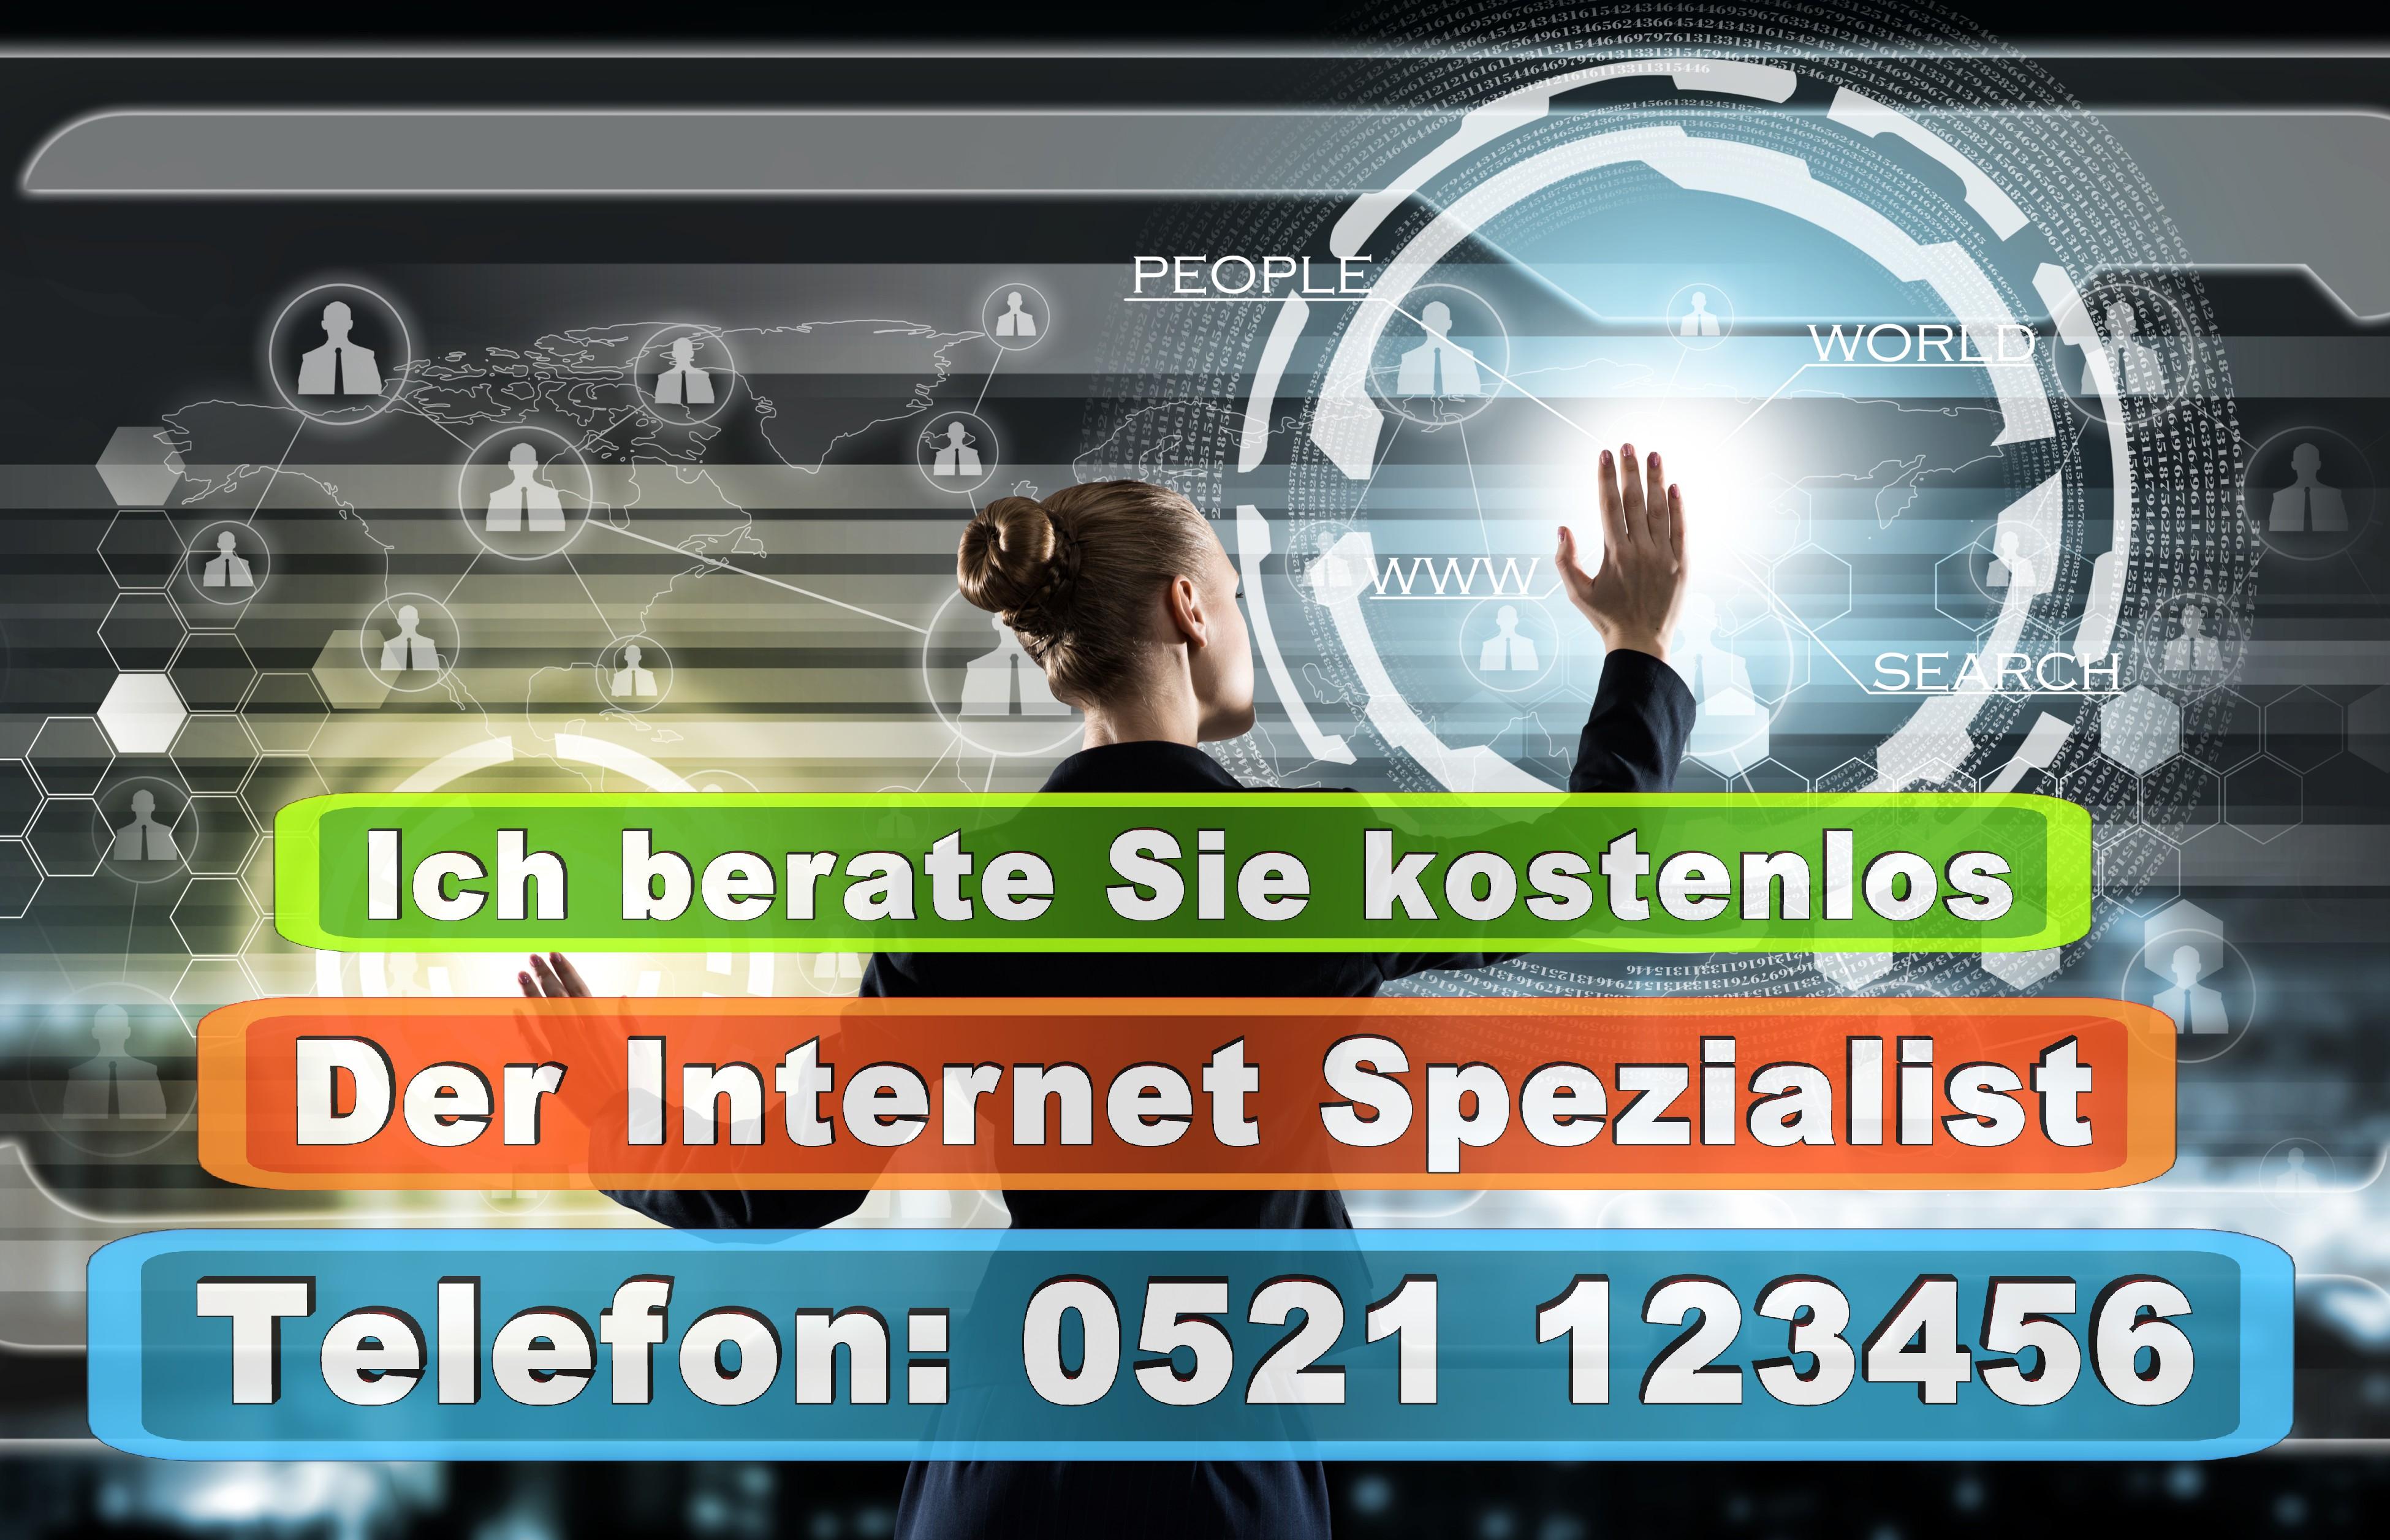 Bielefeld Werbeagenturen Druckereien Werbeplakate Print Druck Internet Computer Grafiker Designer Mode Geschäfte Bekleidung (11)